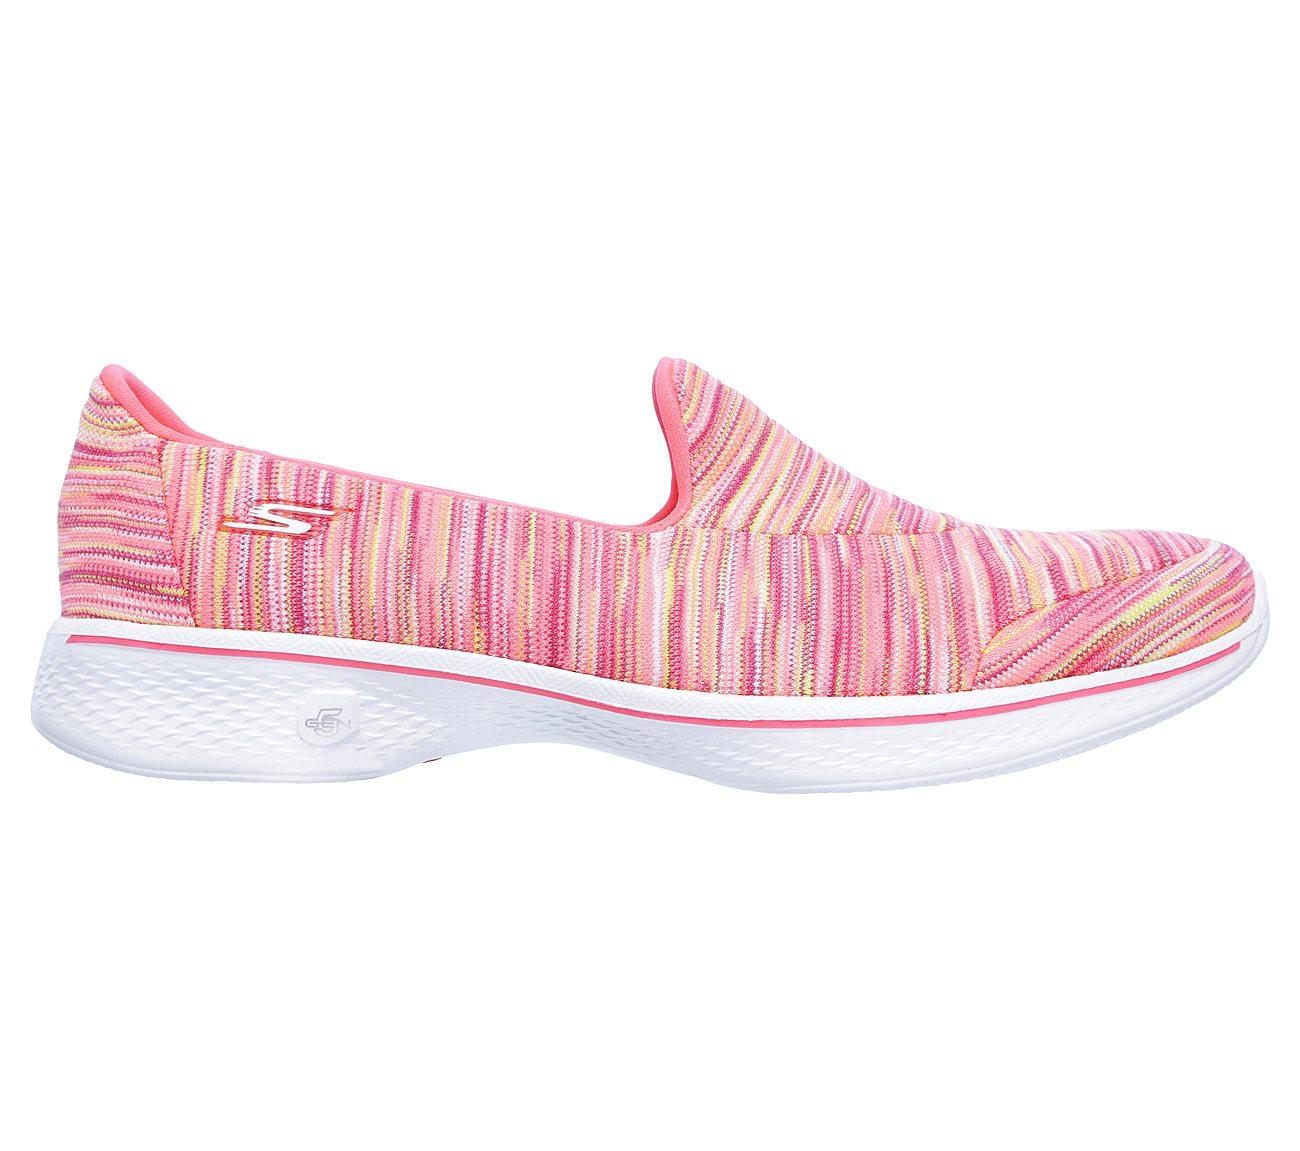 skechers go walk 4 pink